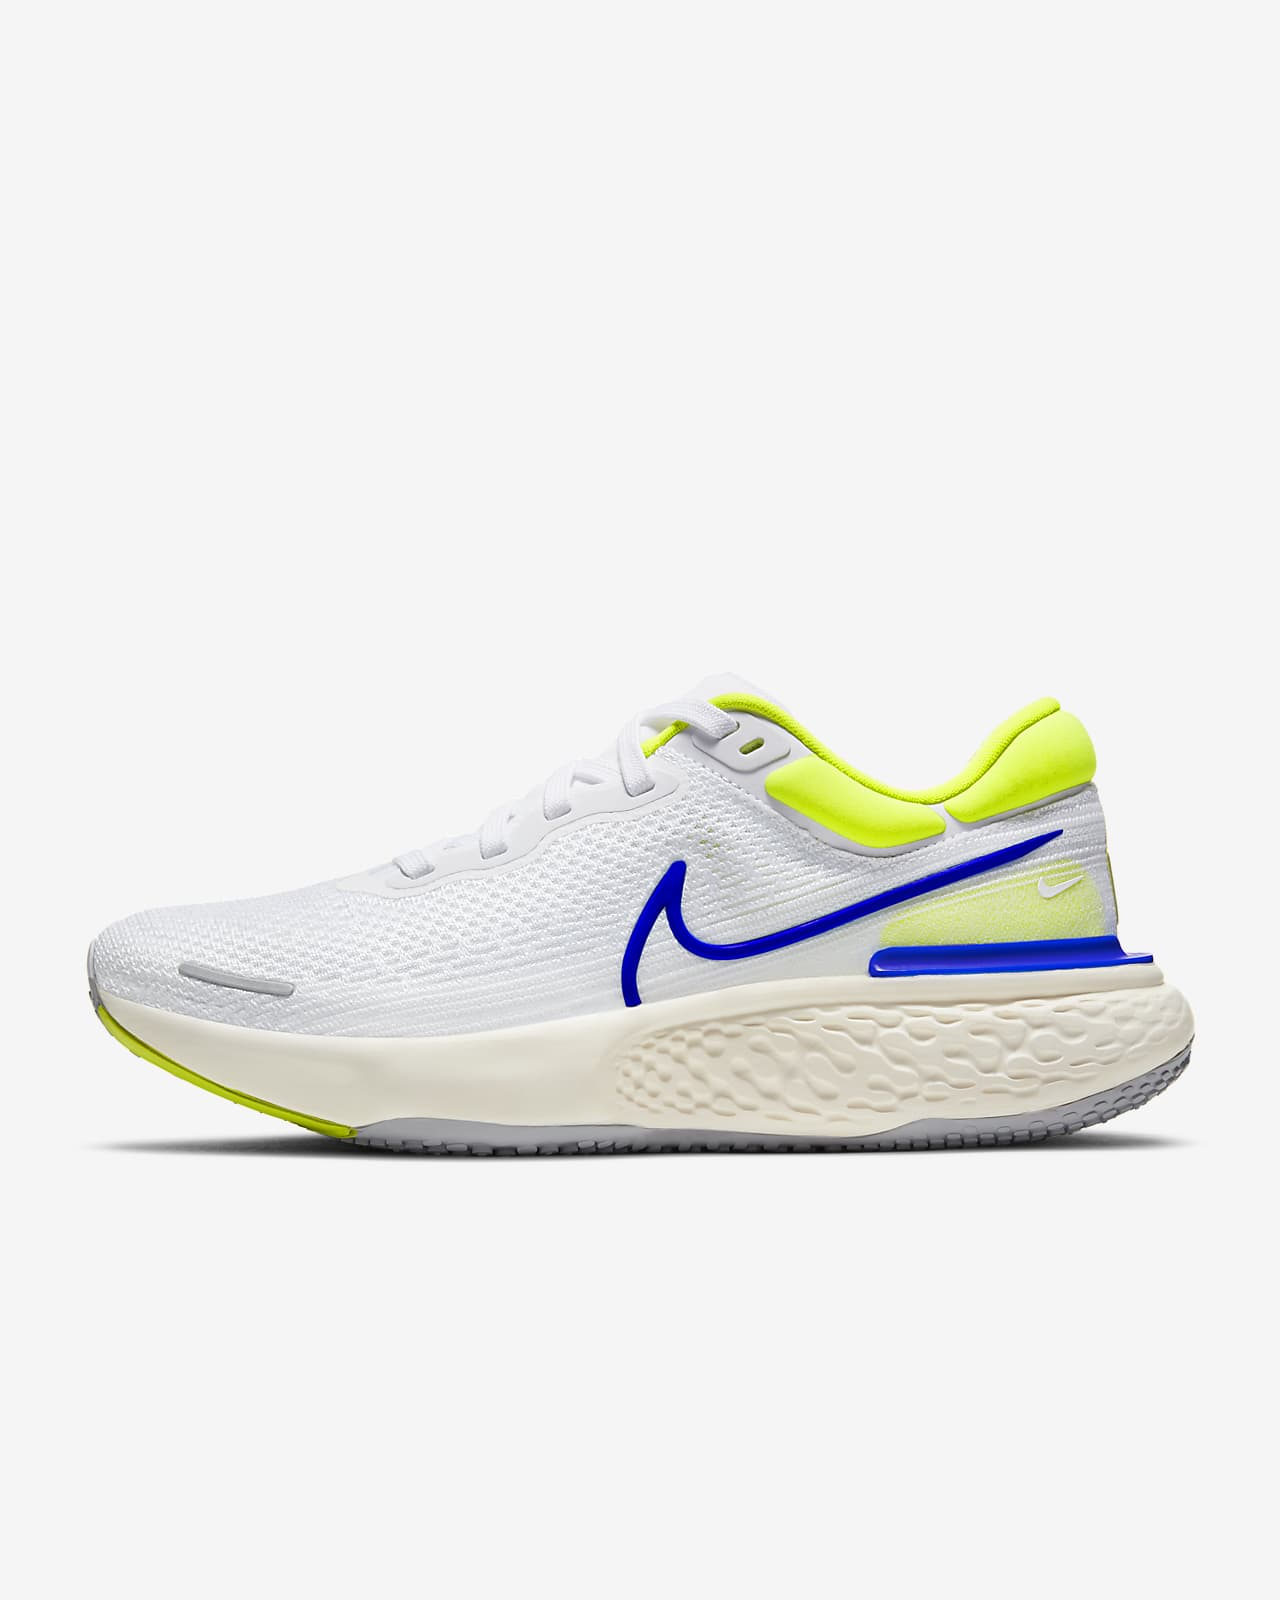 รองเท้าวิ่งผู้ชาย Nike ZoomX Invincible Run Flyknit